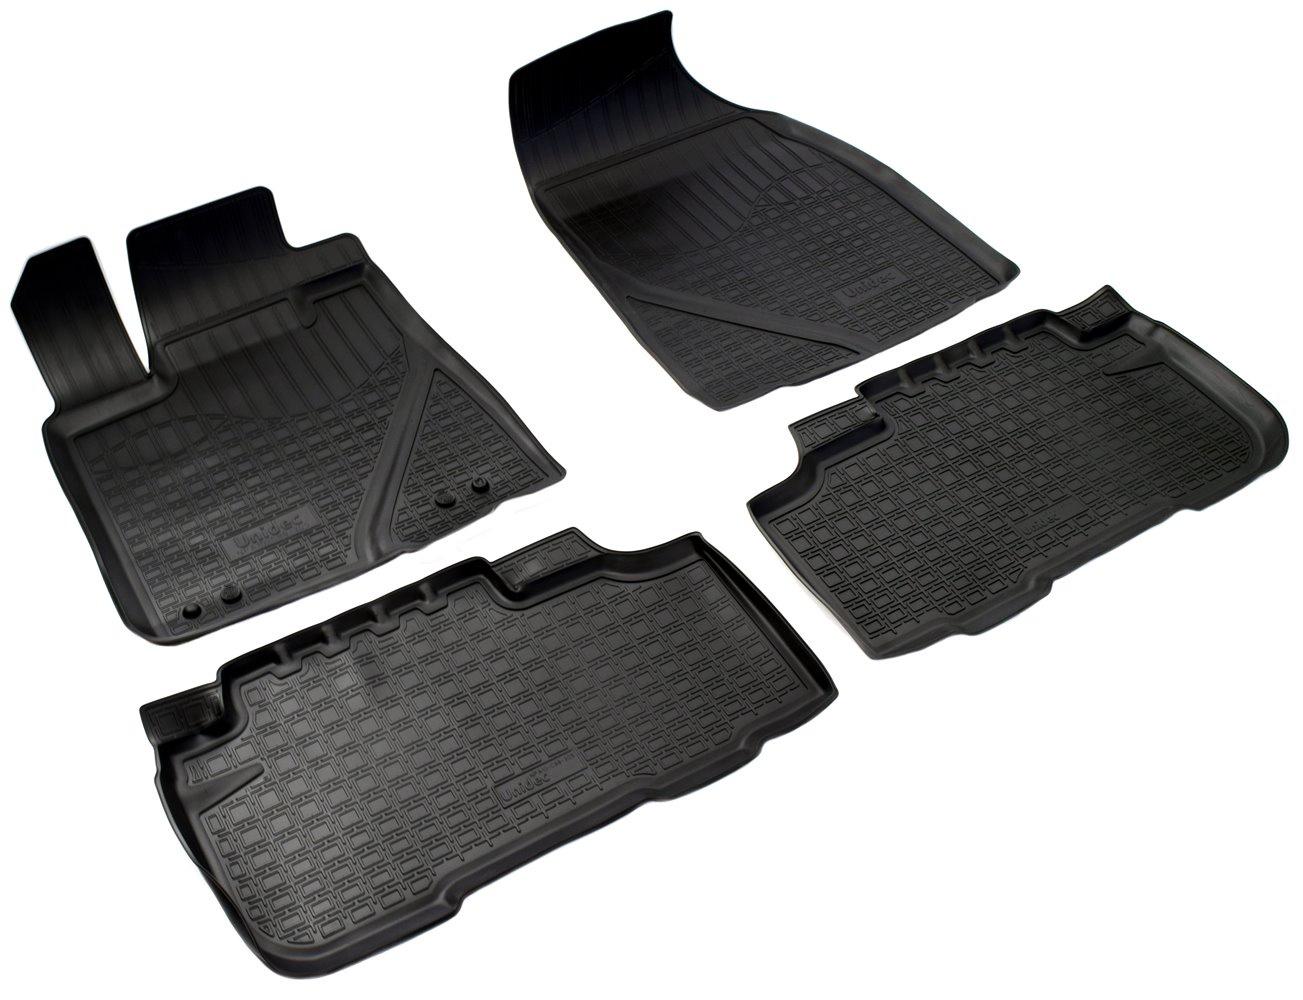 Коврики салона Norplast для Toyota Highlander 2014, NPA10-C88-305, черный wiper blades for toyota highlander 26